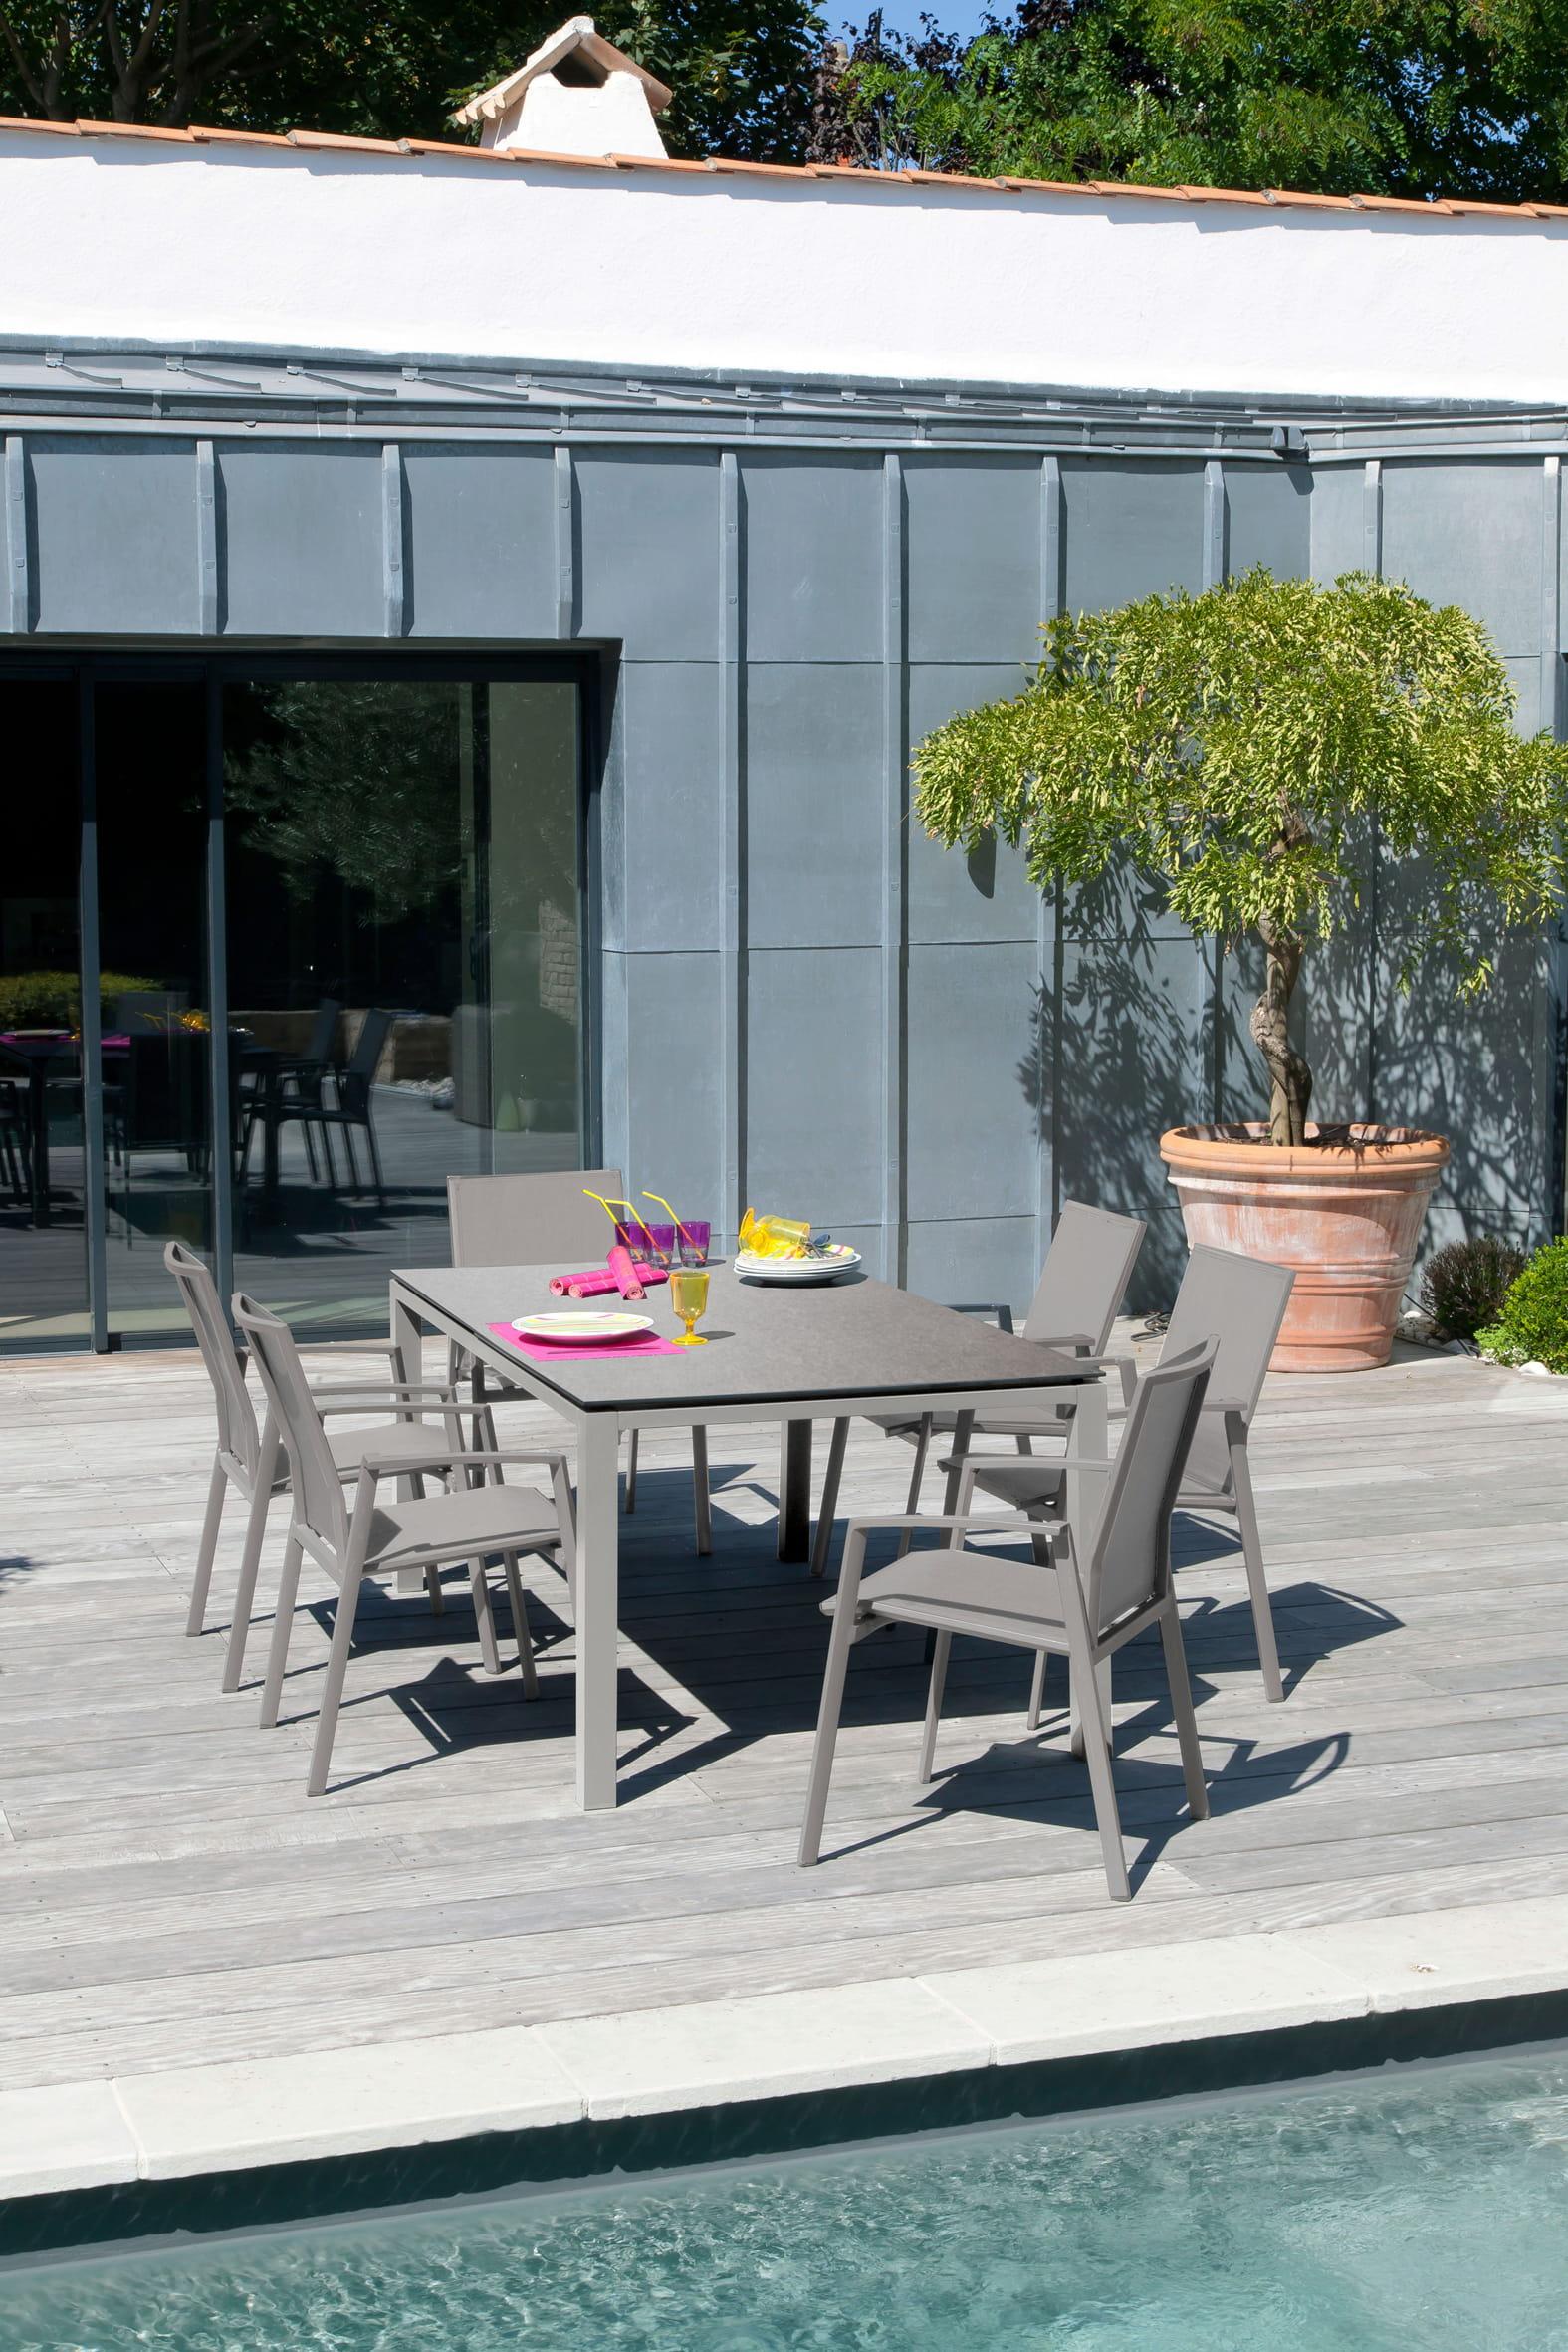 salon de jardin stoneo chez proloisirs salon de jardin. Black Bedroom Furniture Sets. Home Design Ideas